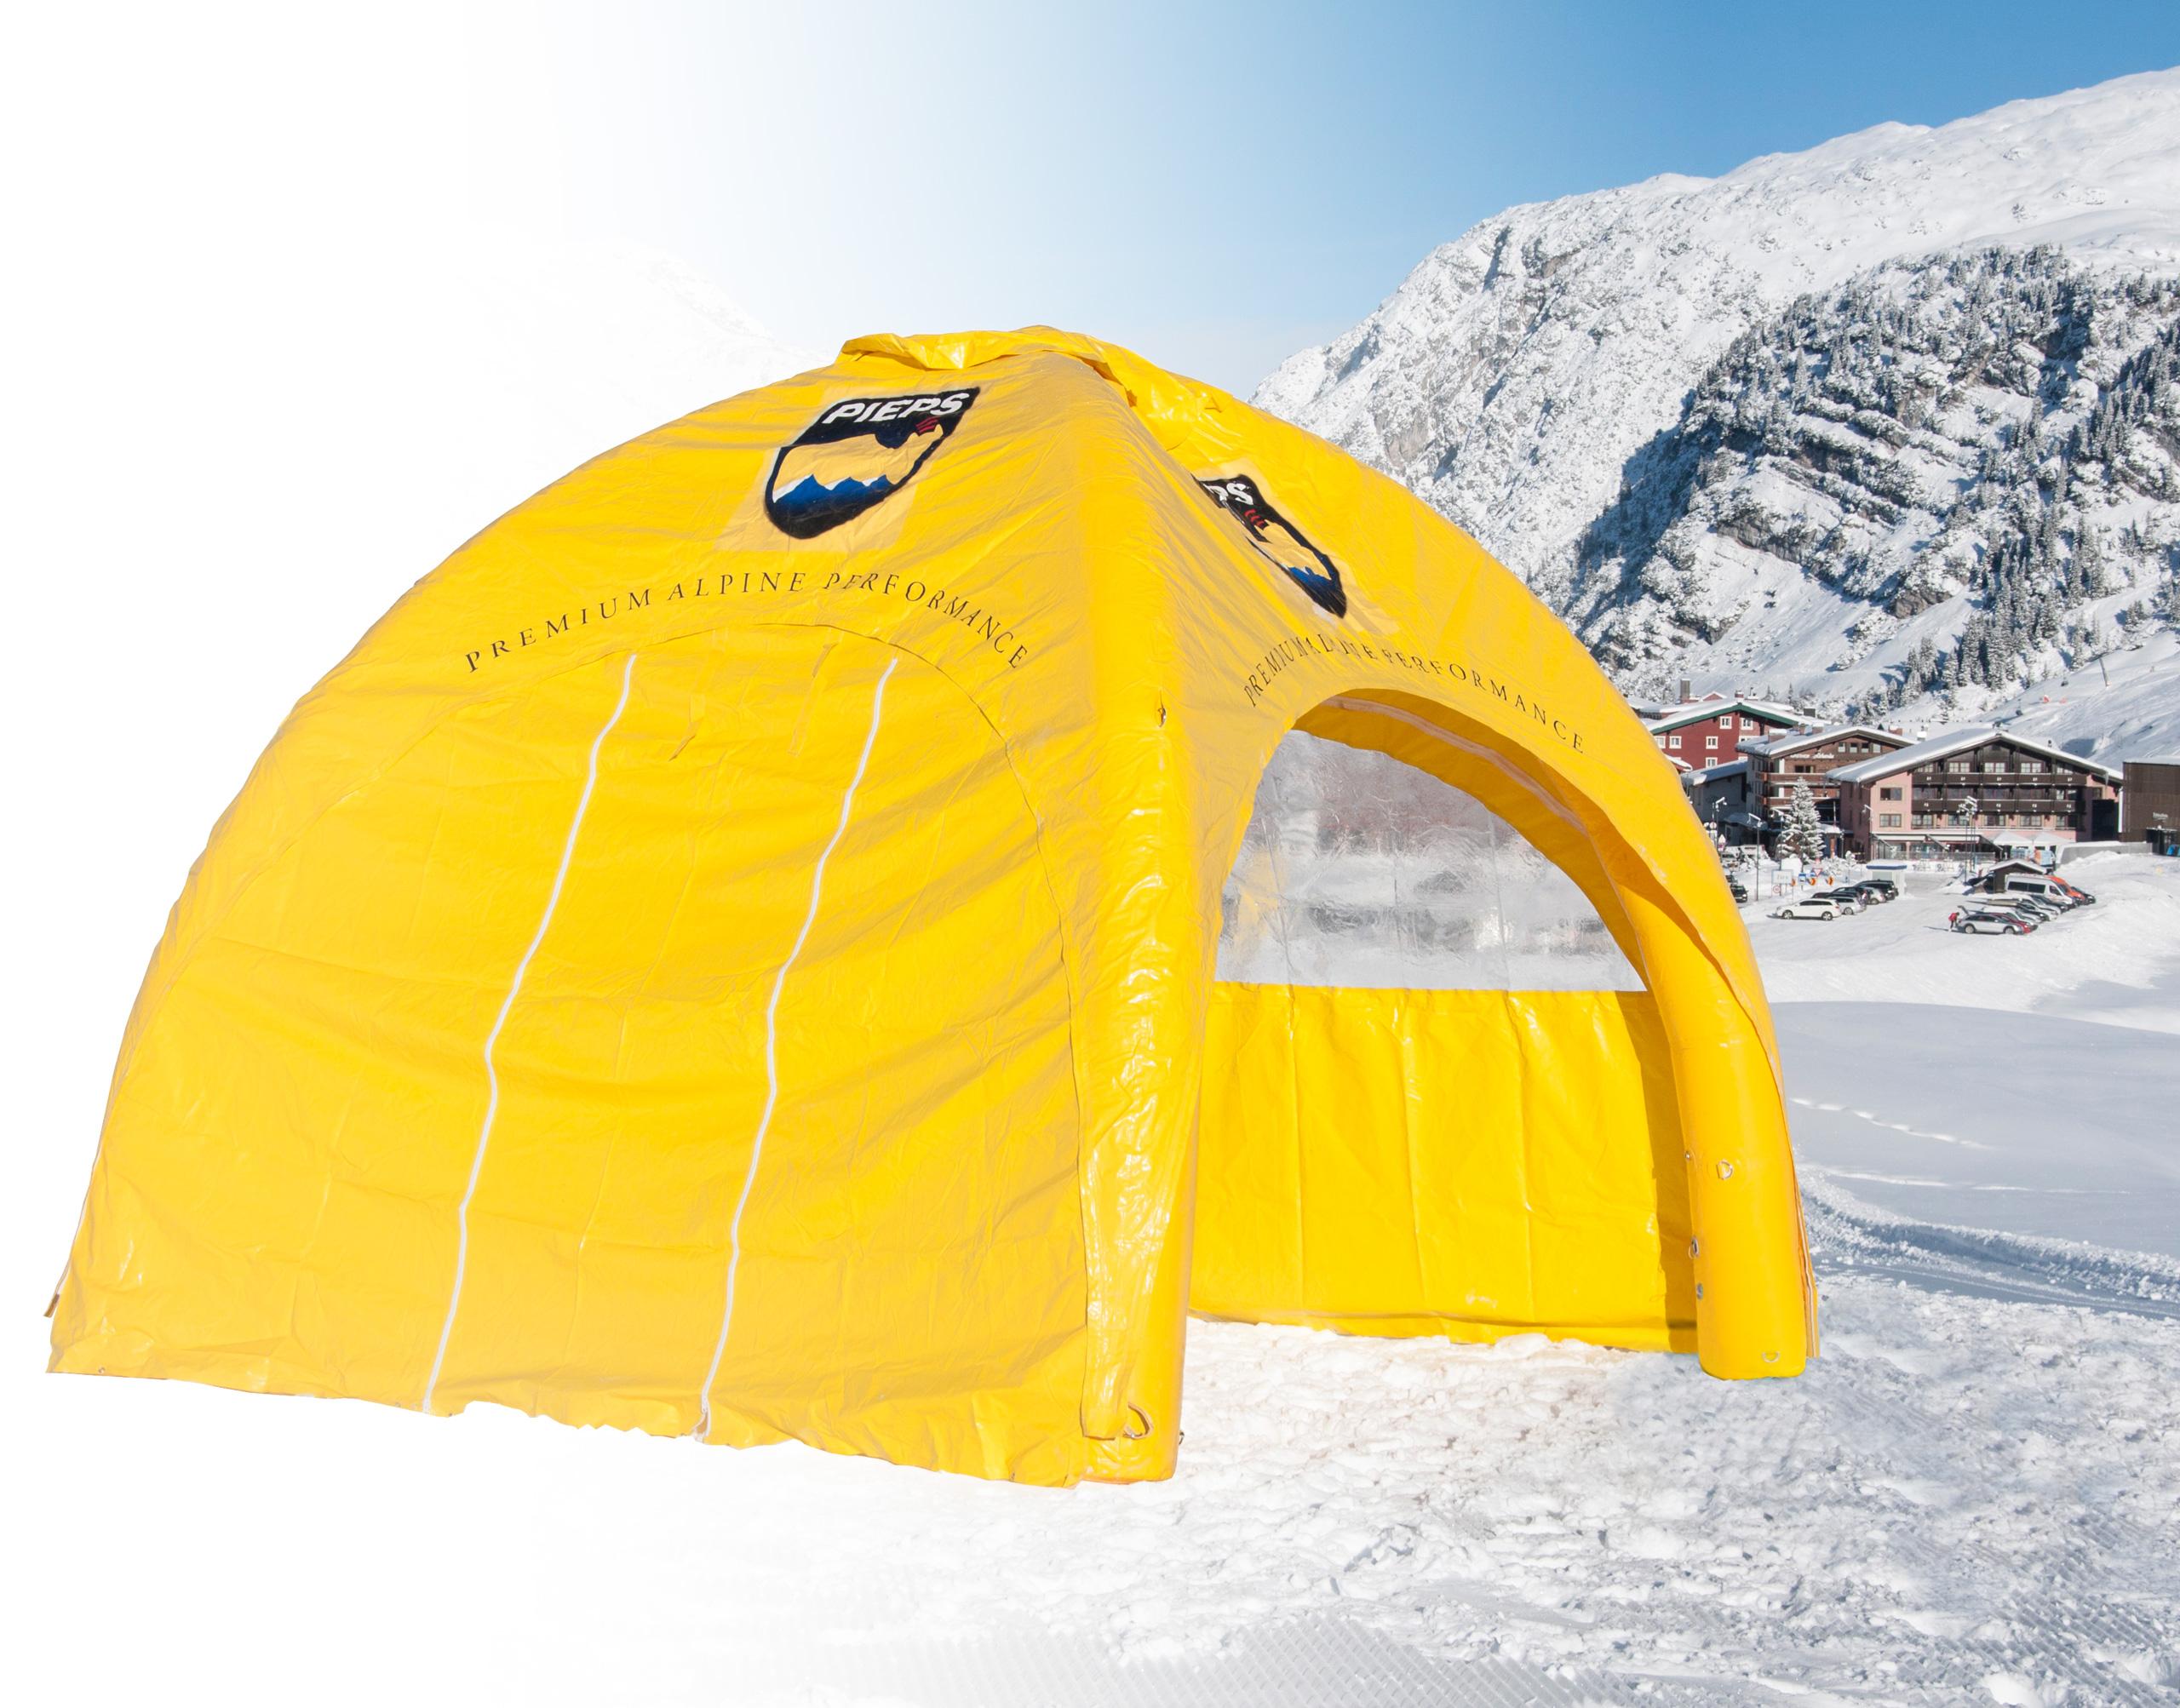 Aufblasbares Zelt Easyroof Pieps